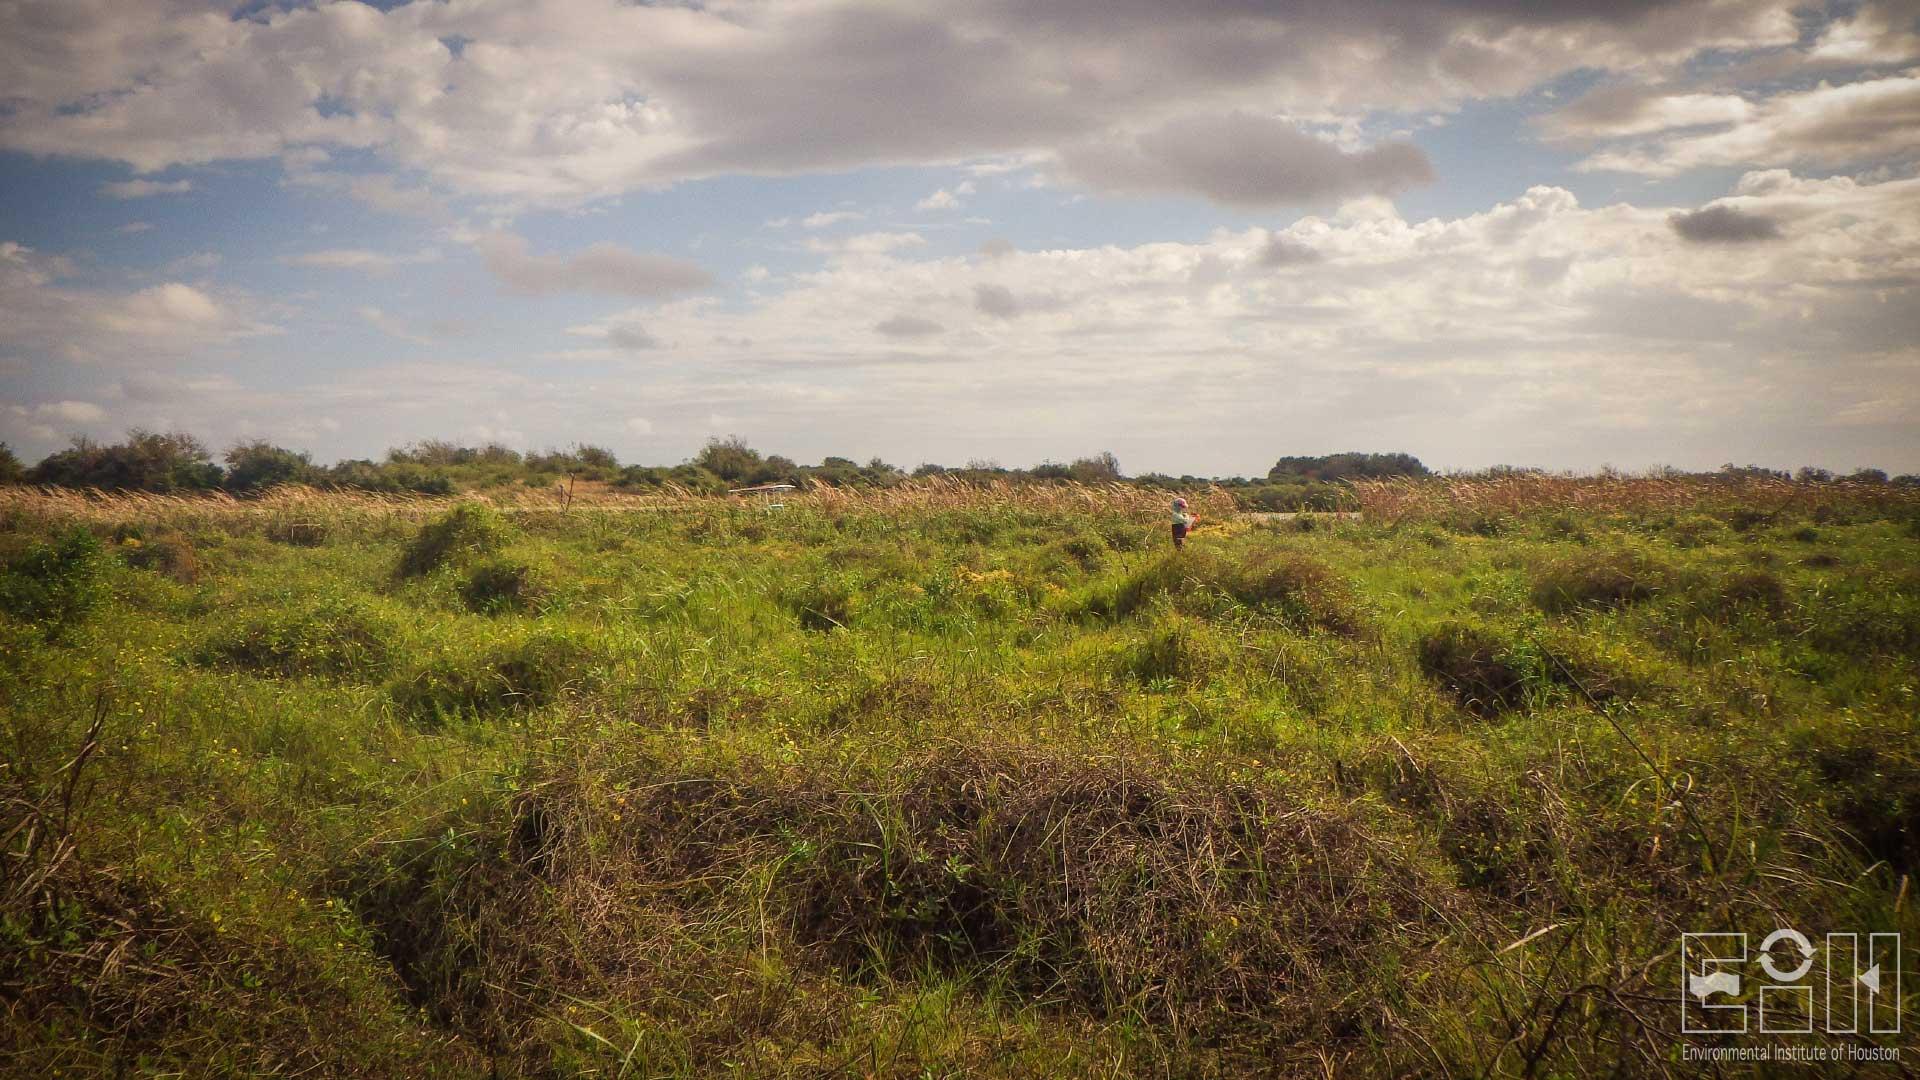 Biological Monitoring of the Tres Palacios River and Upper Tres Palacios Bay, Texas